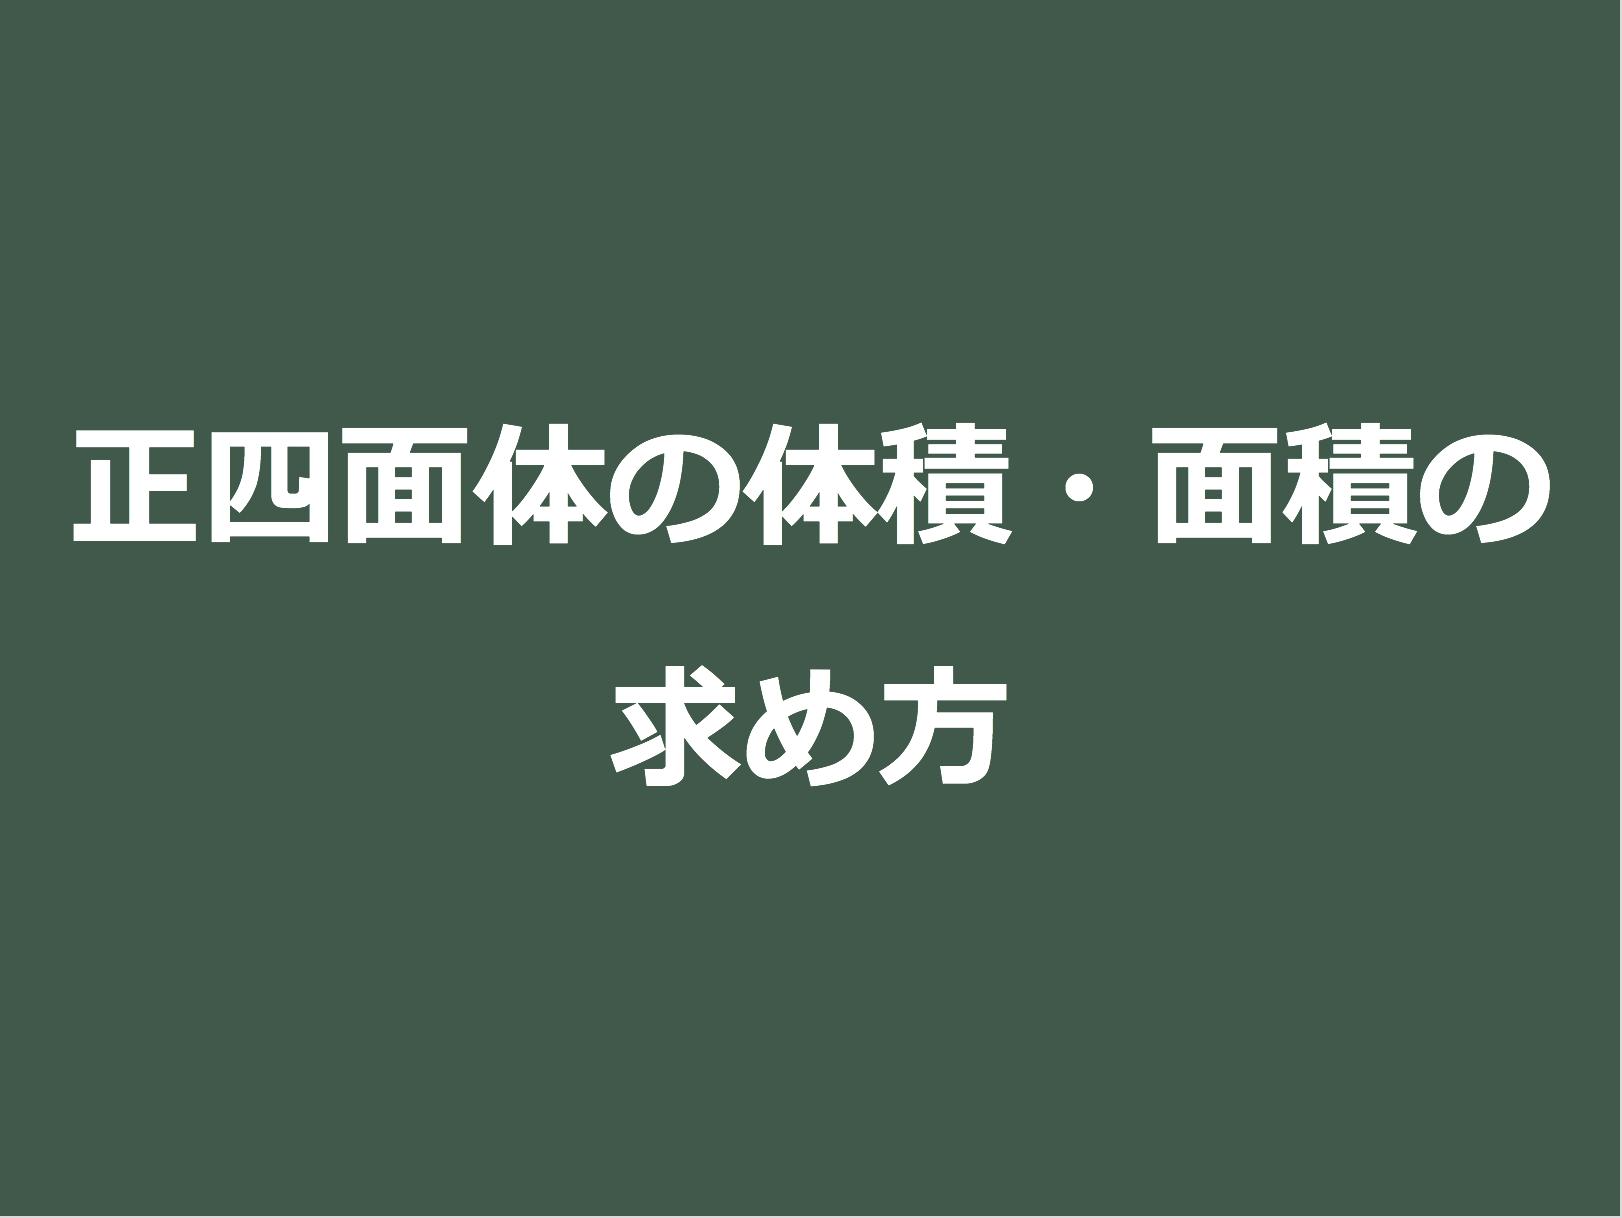 スクリーンショット 2017-06-17 14.02.34